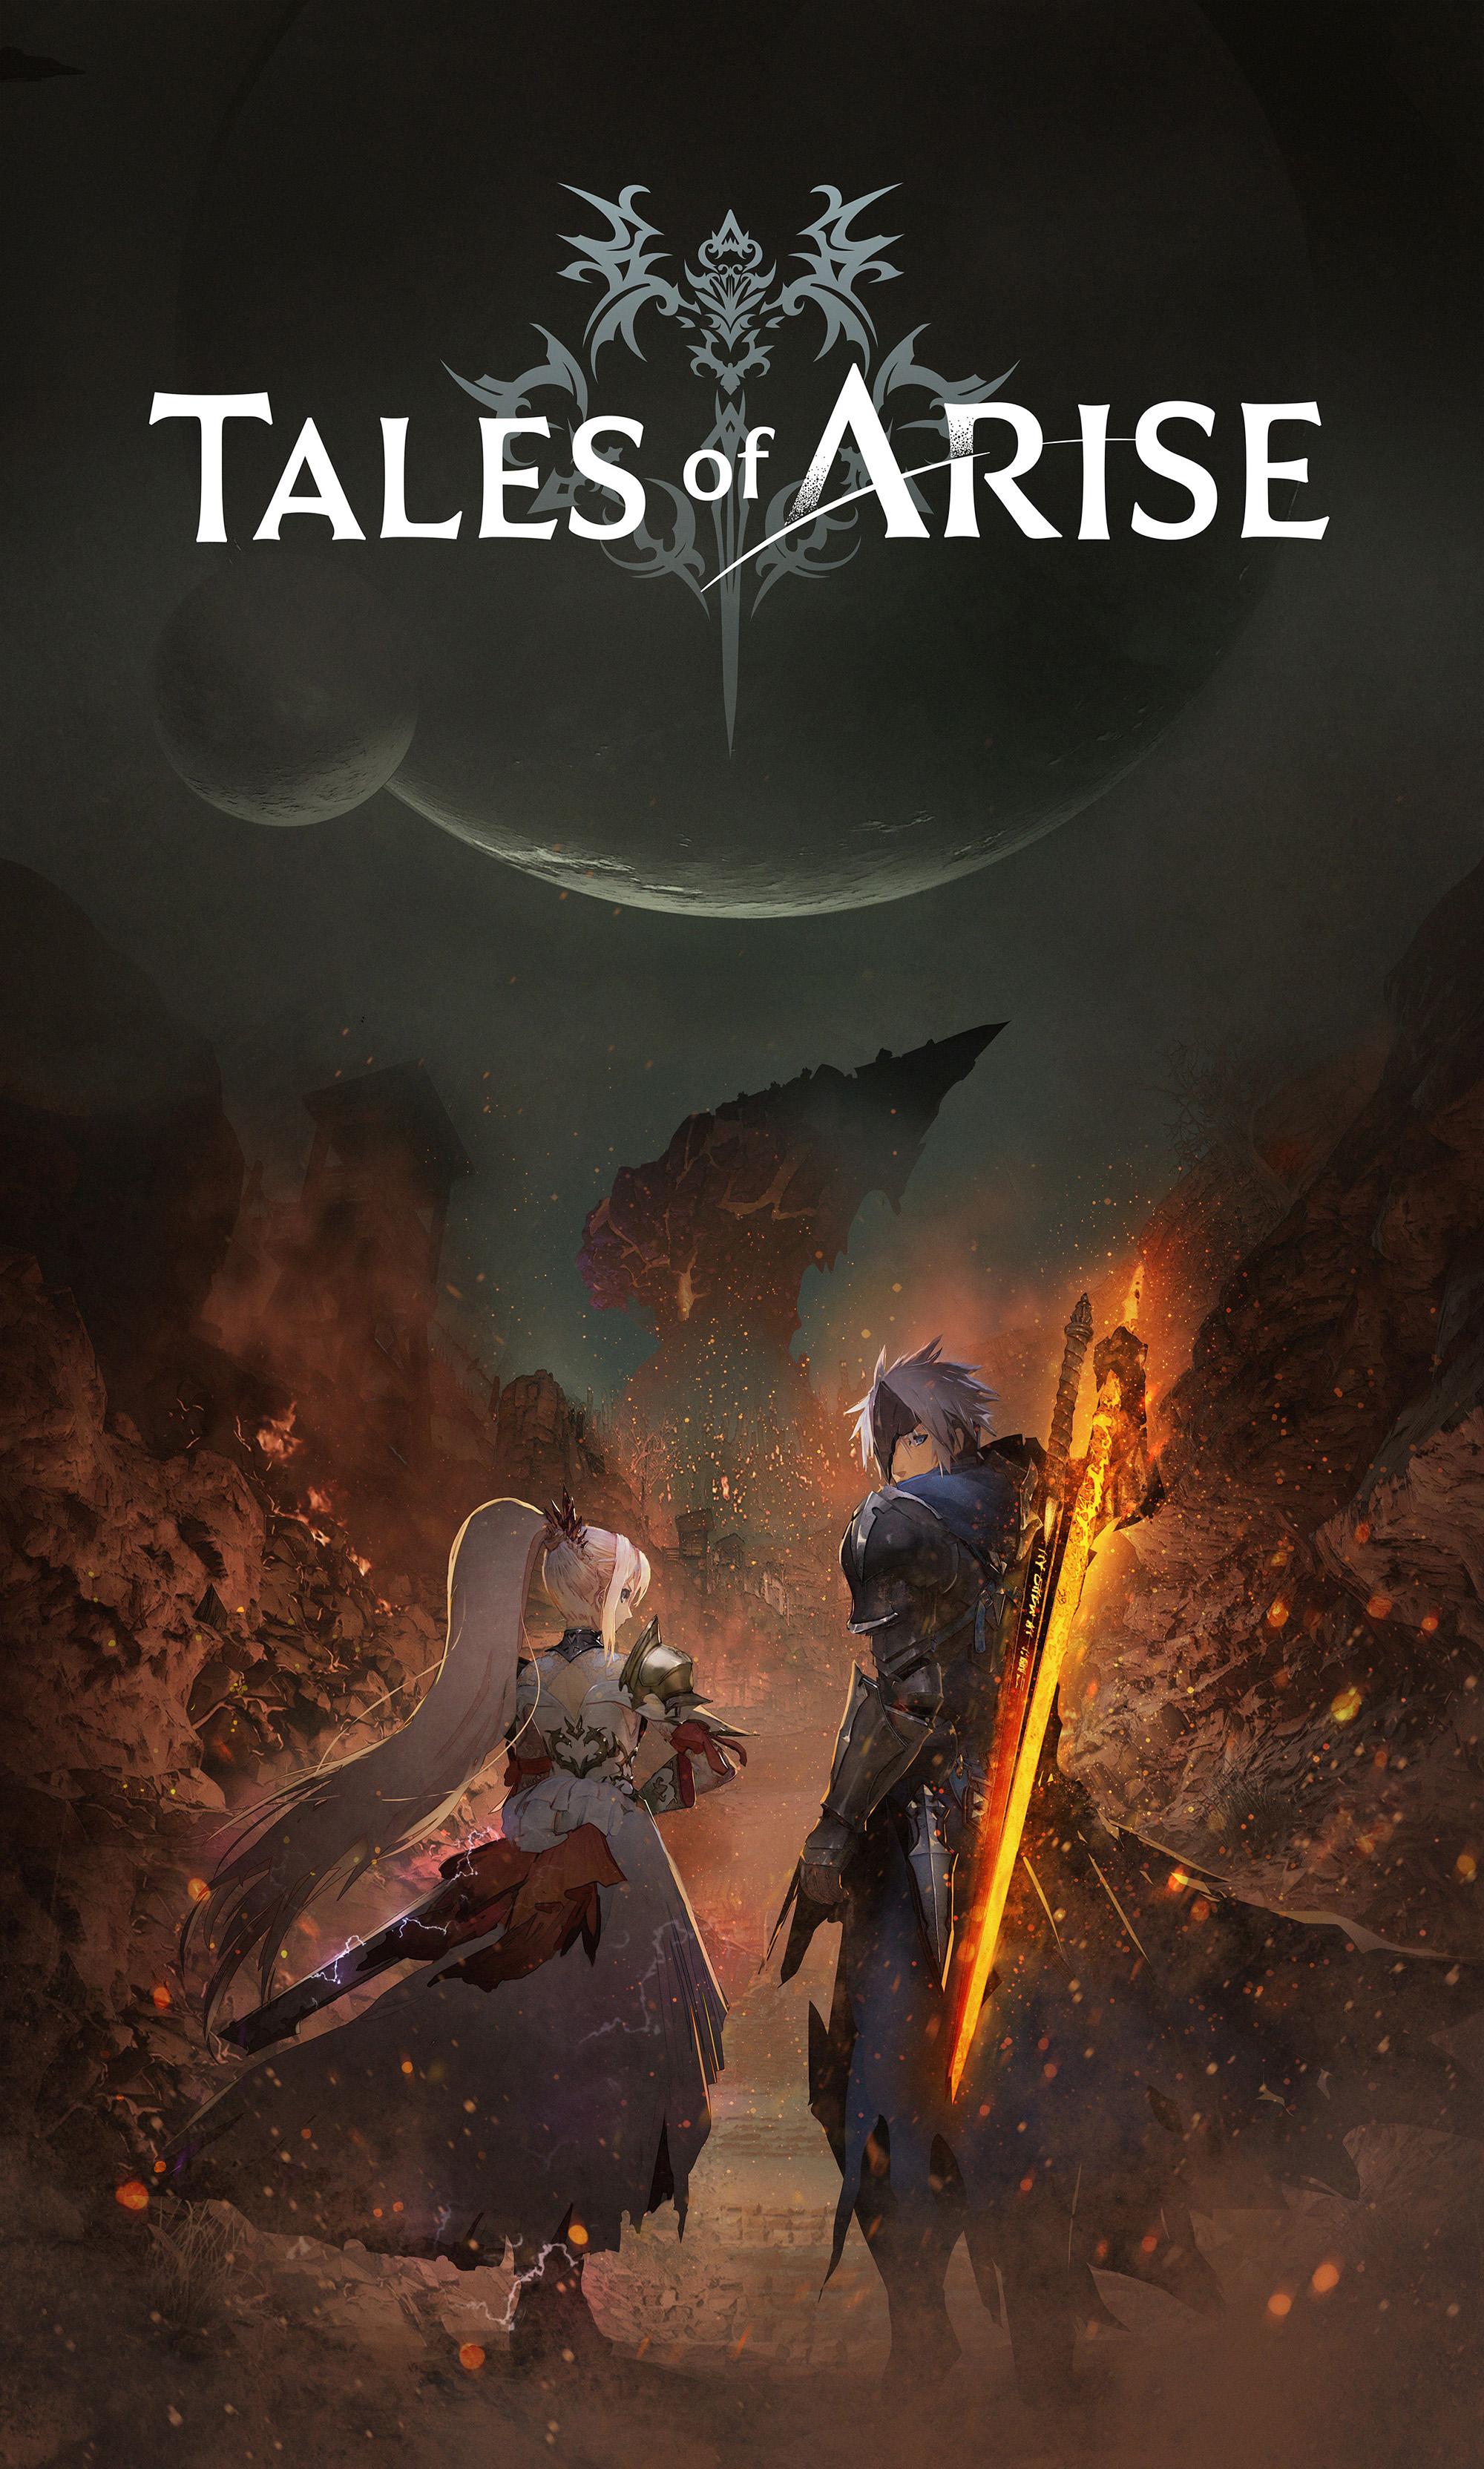 Tales of Arise Key Visual